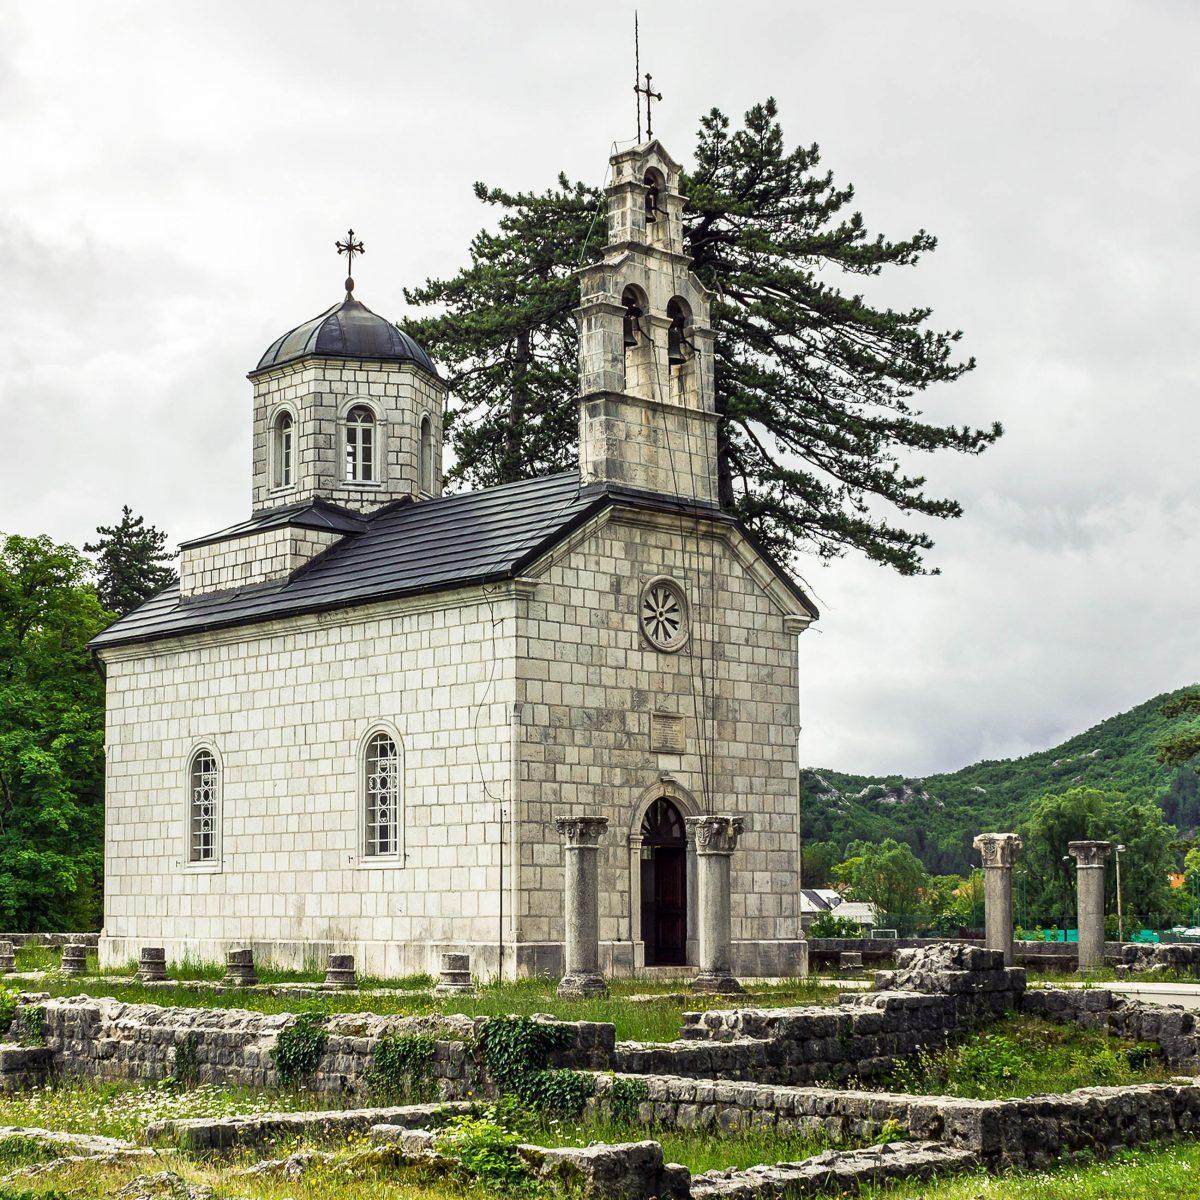 Die Crkva Rođena Bogorodice in Cetinje ist die letzte Ruhestätte von König Nikola I., seiner Frau Milena und dem Stadtgründers Ivan Crnojević, Montenegro - © Vlada Z / Shutterstock